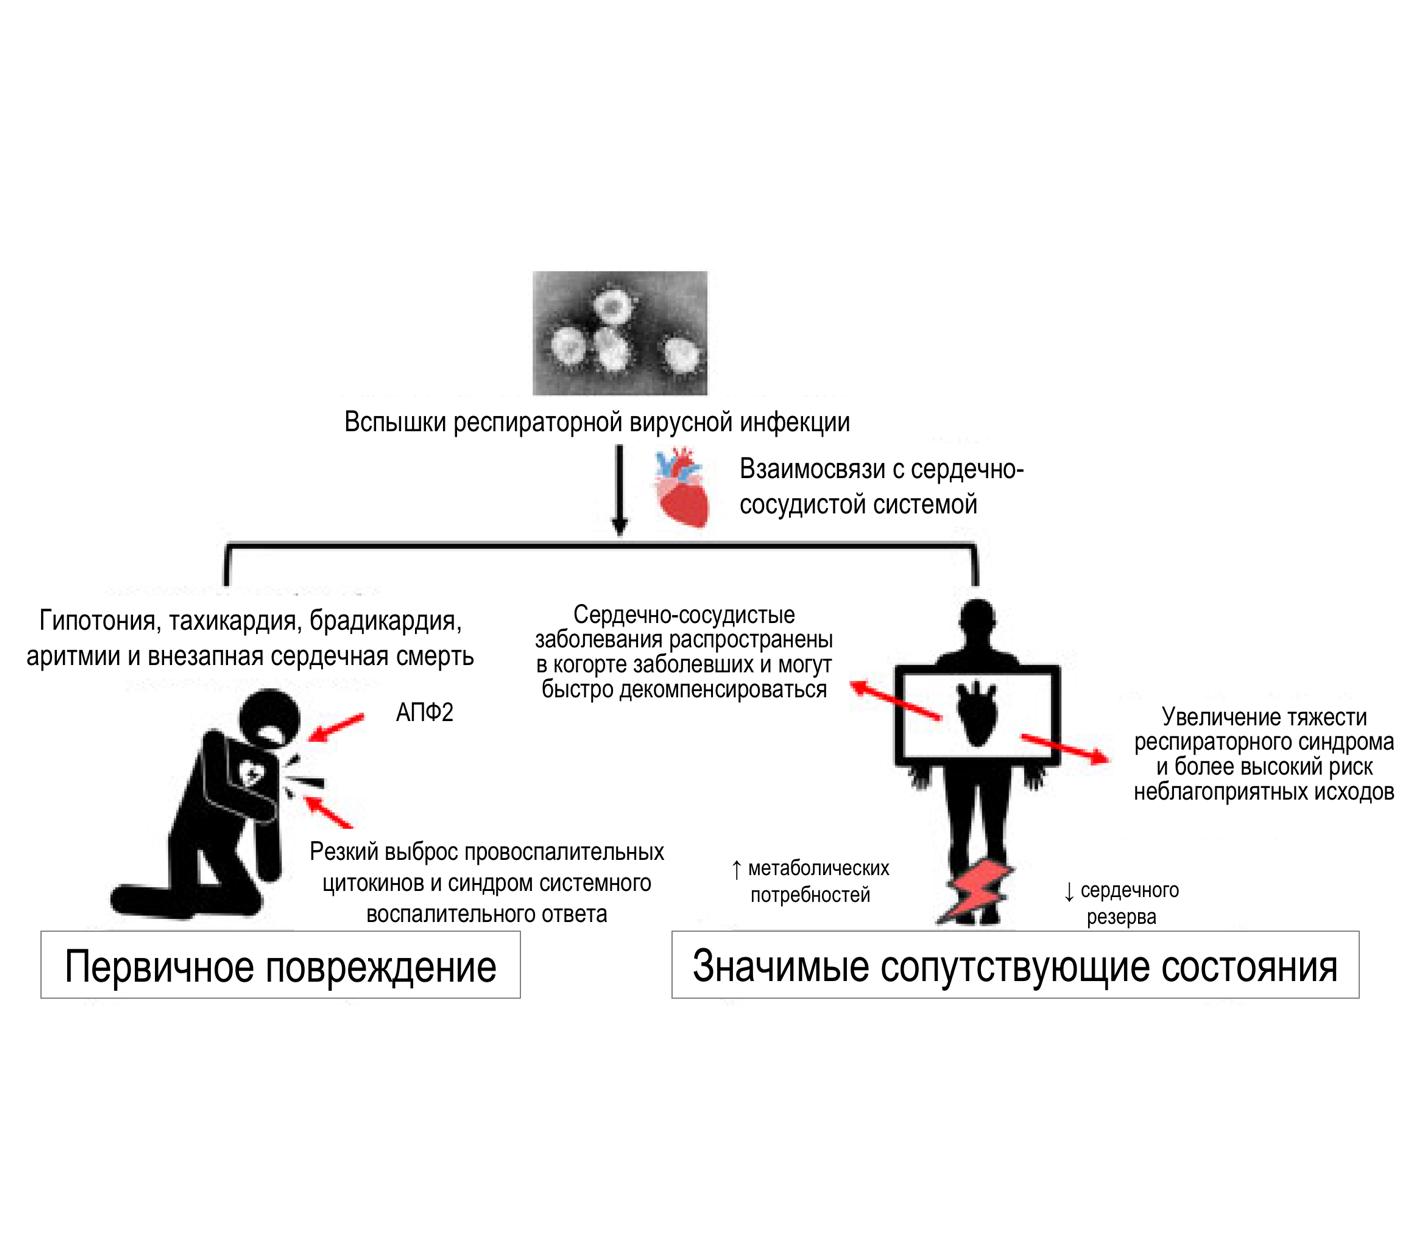 Ключевые моменты в отношении взаимодействия коронавирусов и сердечно-сосудистой системы